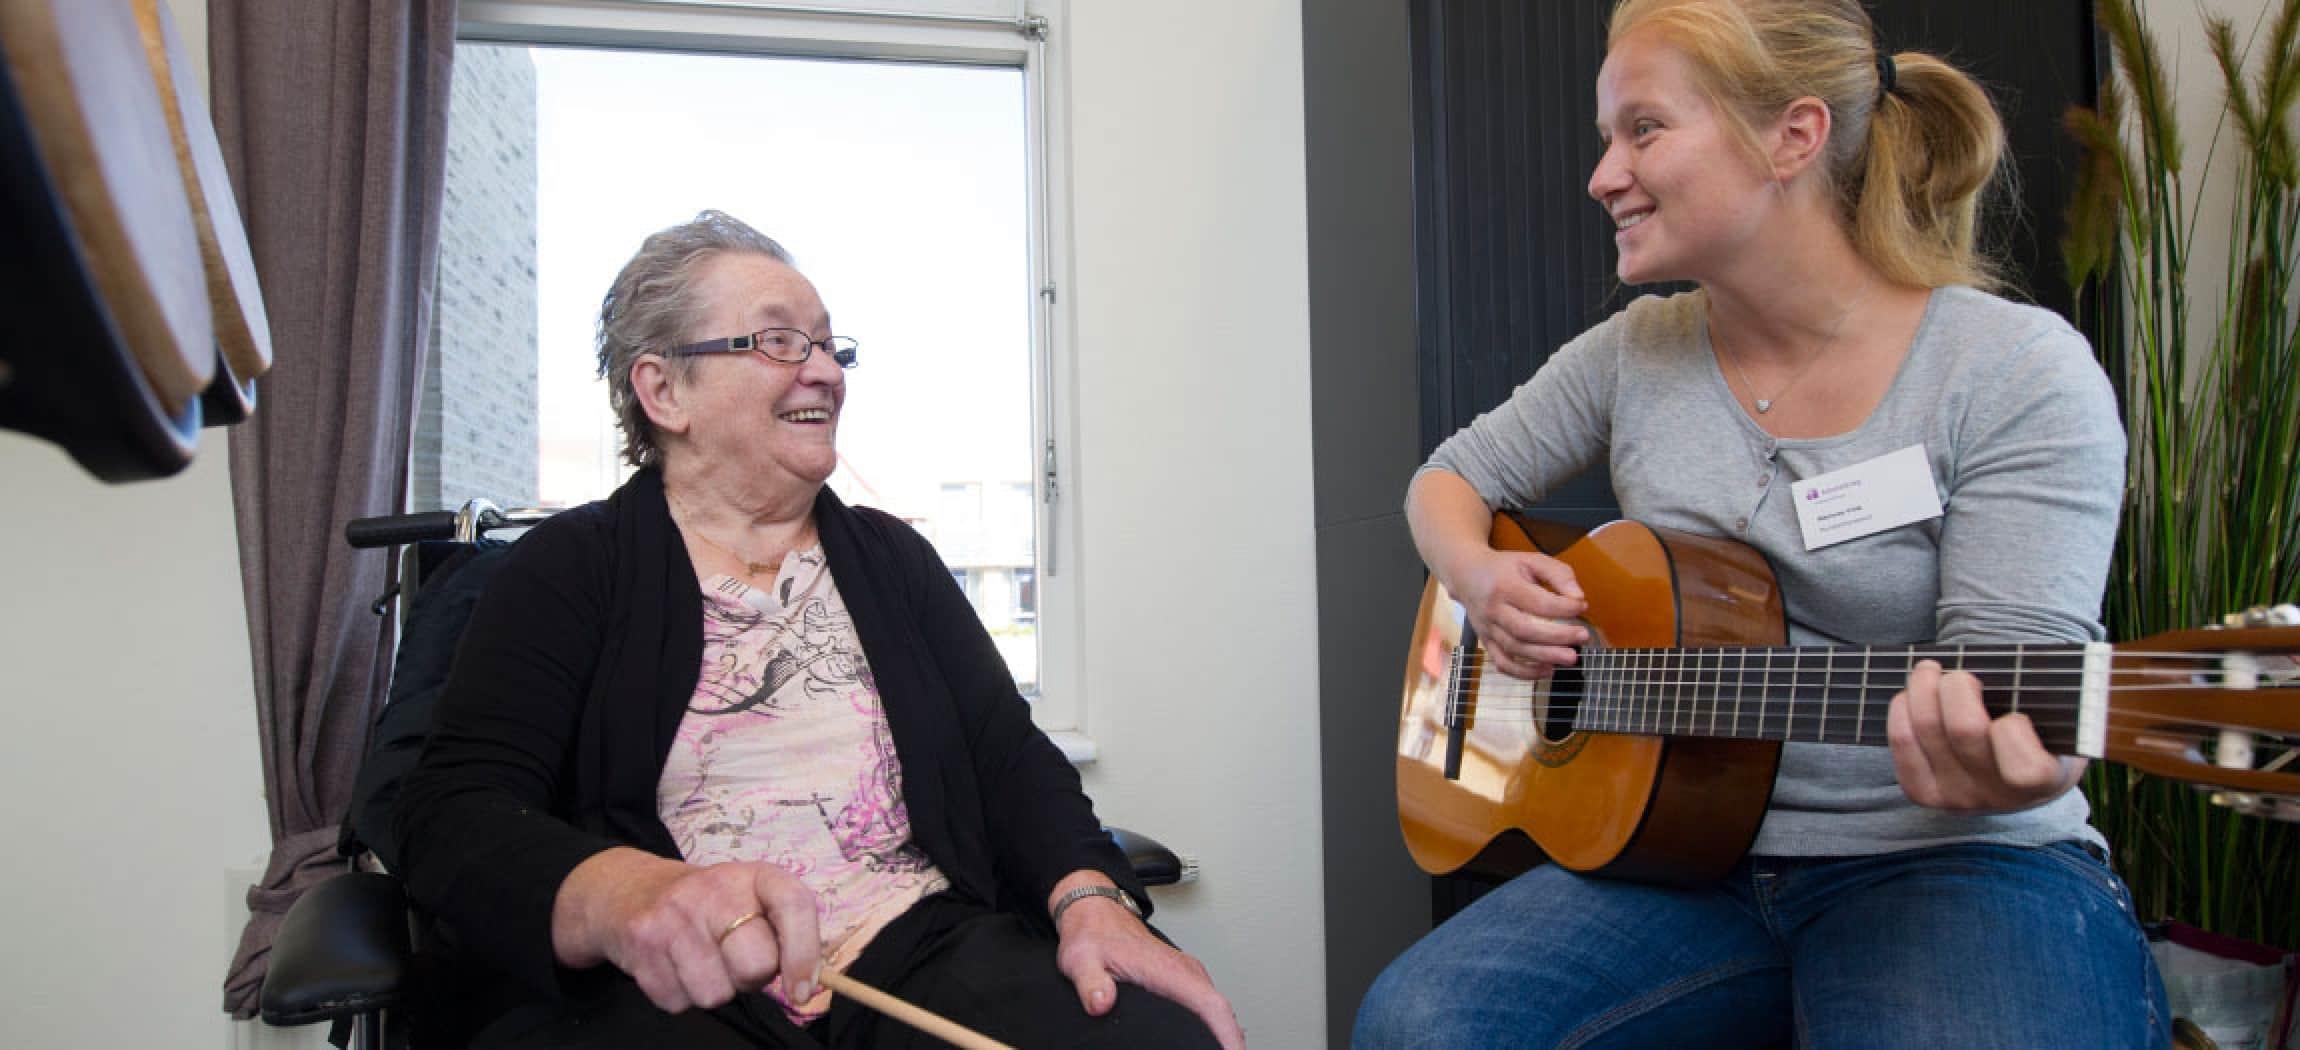 Jonge muziektherapeut met gitaar blond haar zingt voor oudere dame in rolstoel